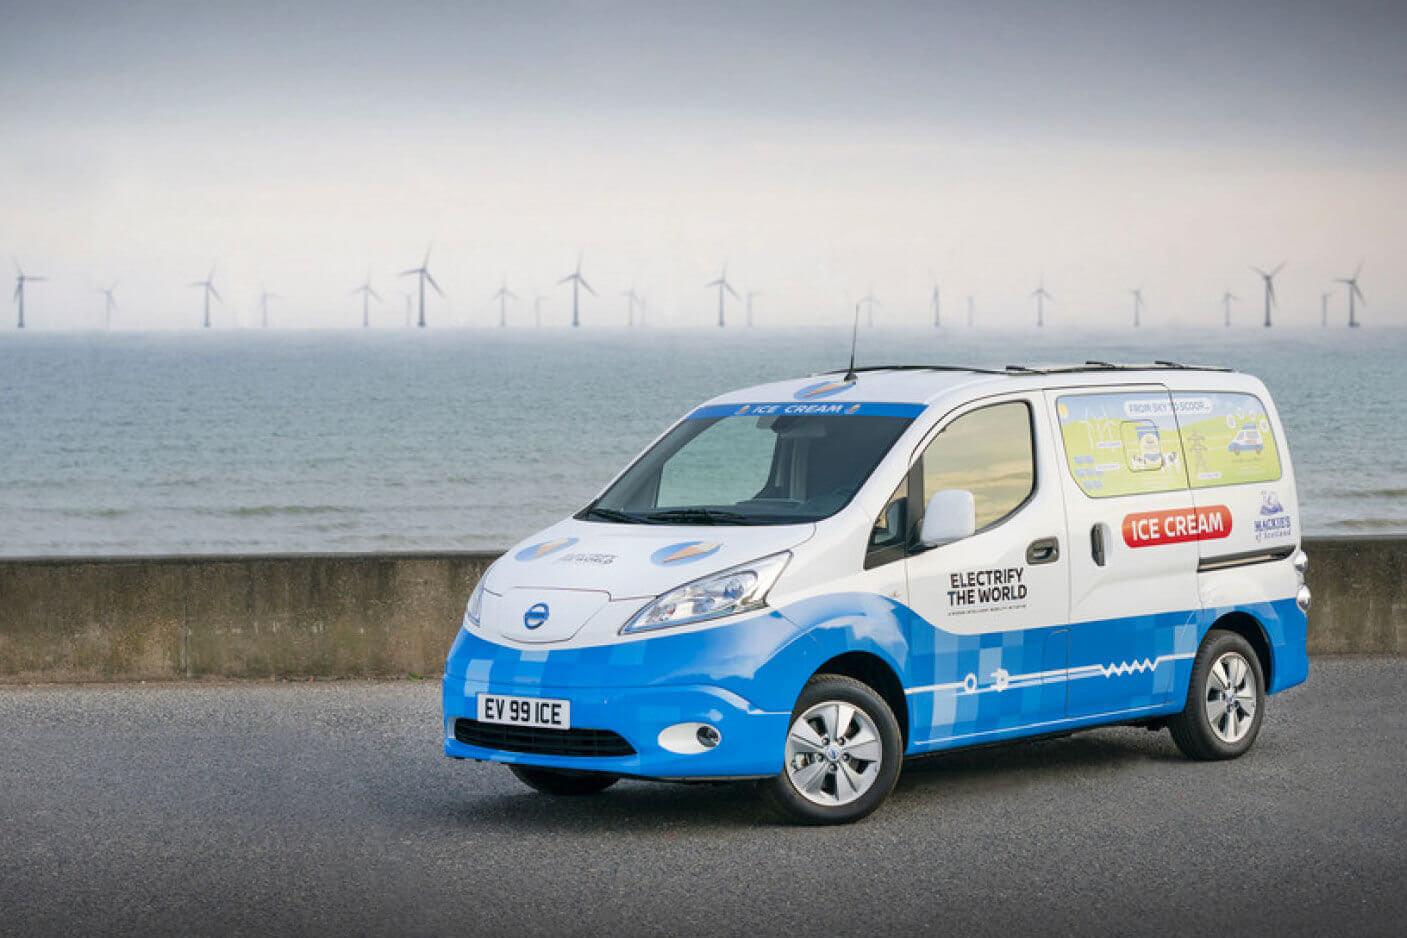 nissan-zero-emissions-ice-cream-van